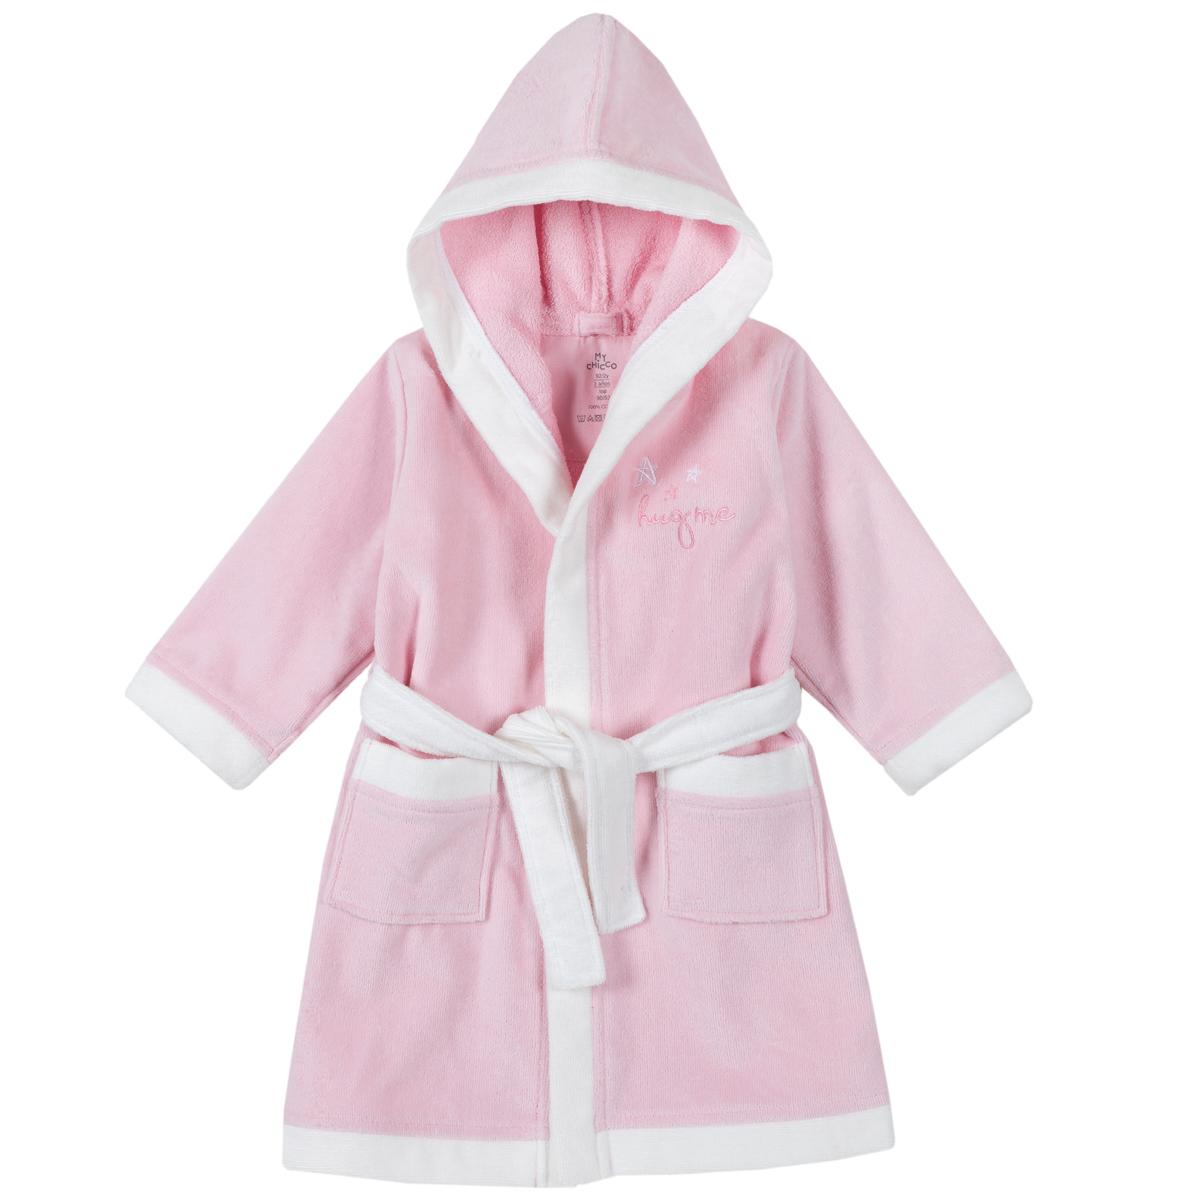 Halat de baie Chicco, roz, 40931 din categoria Halate de baie copii